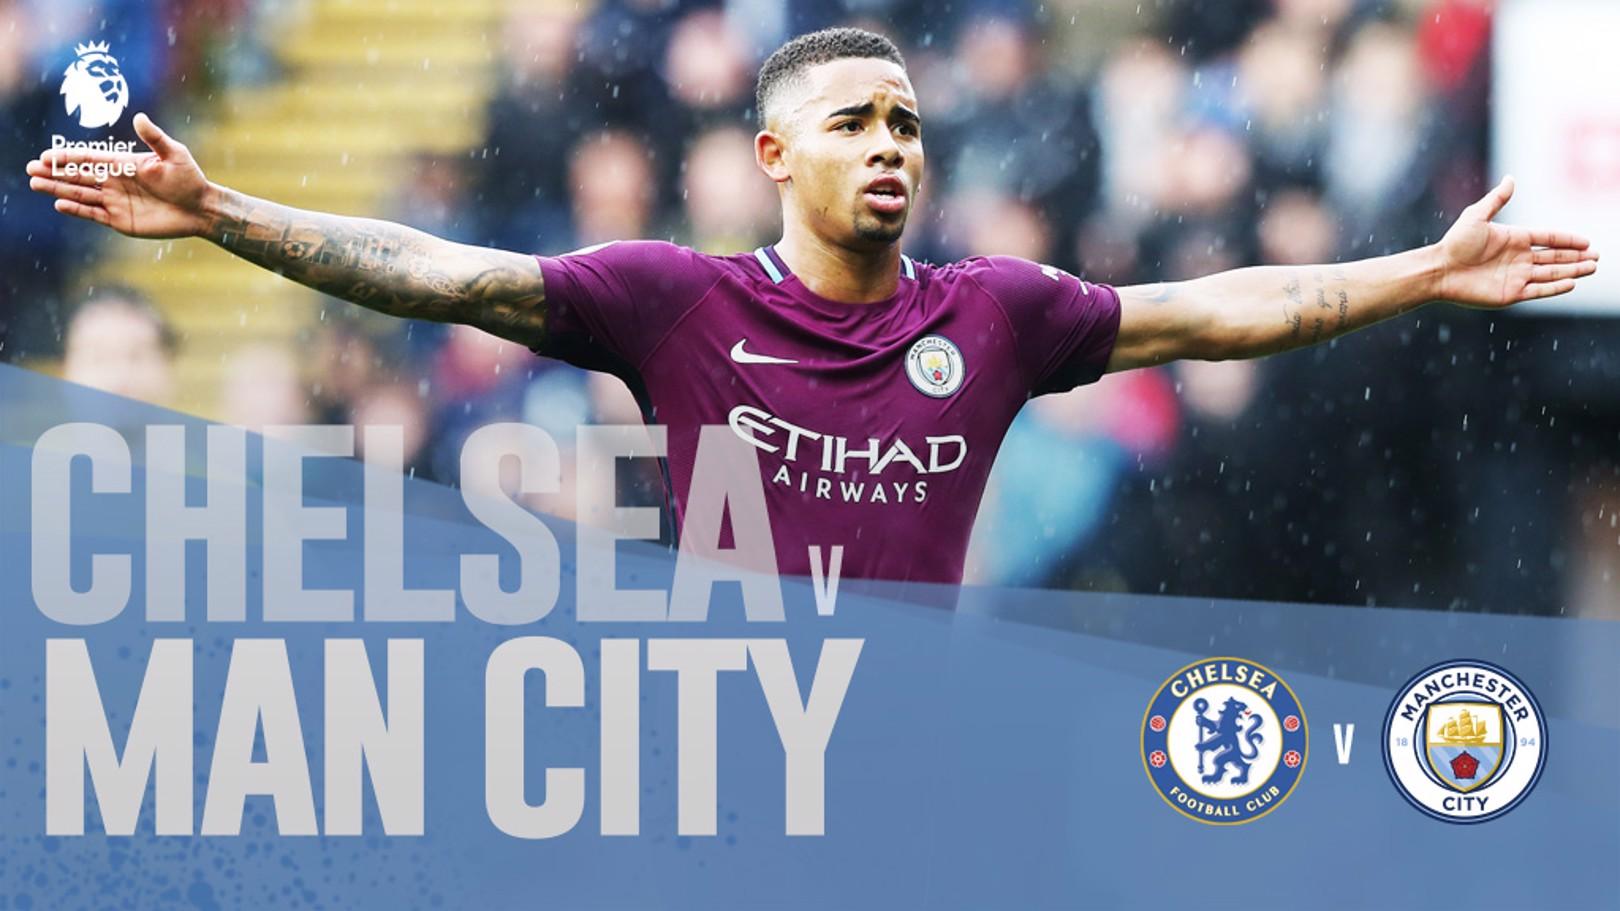 Chelsea v City.